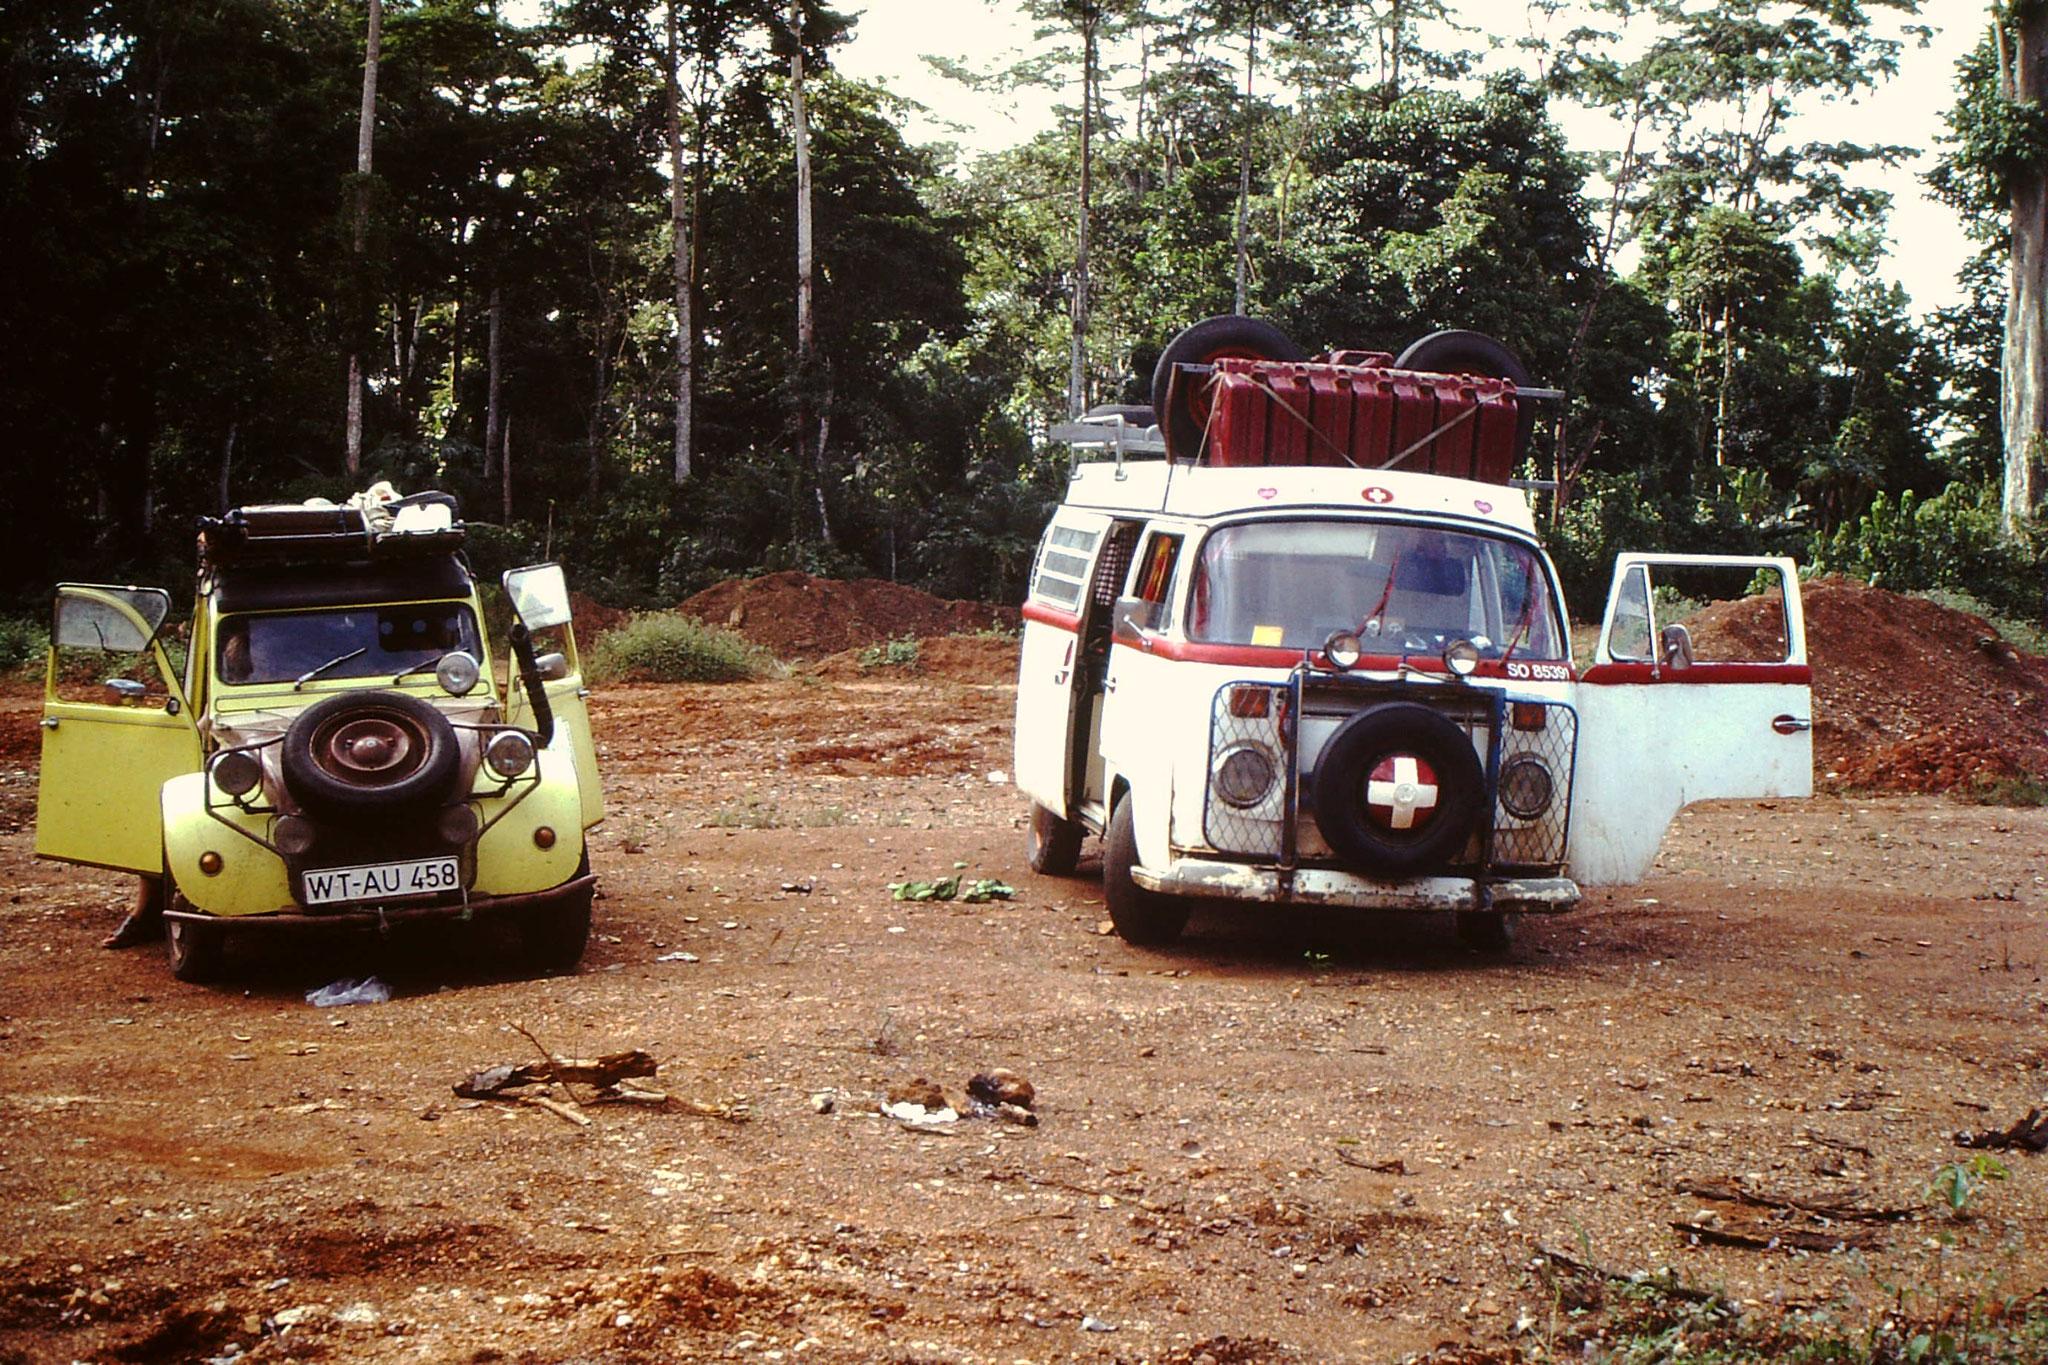 4. Unsere Fahrzeuge in einer Waldlichtung.